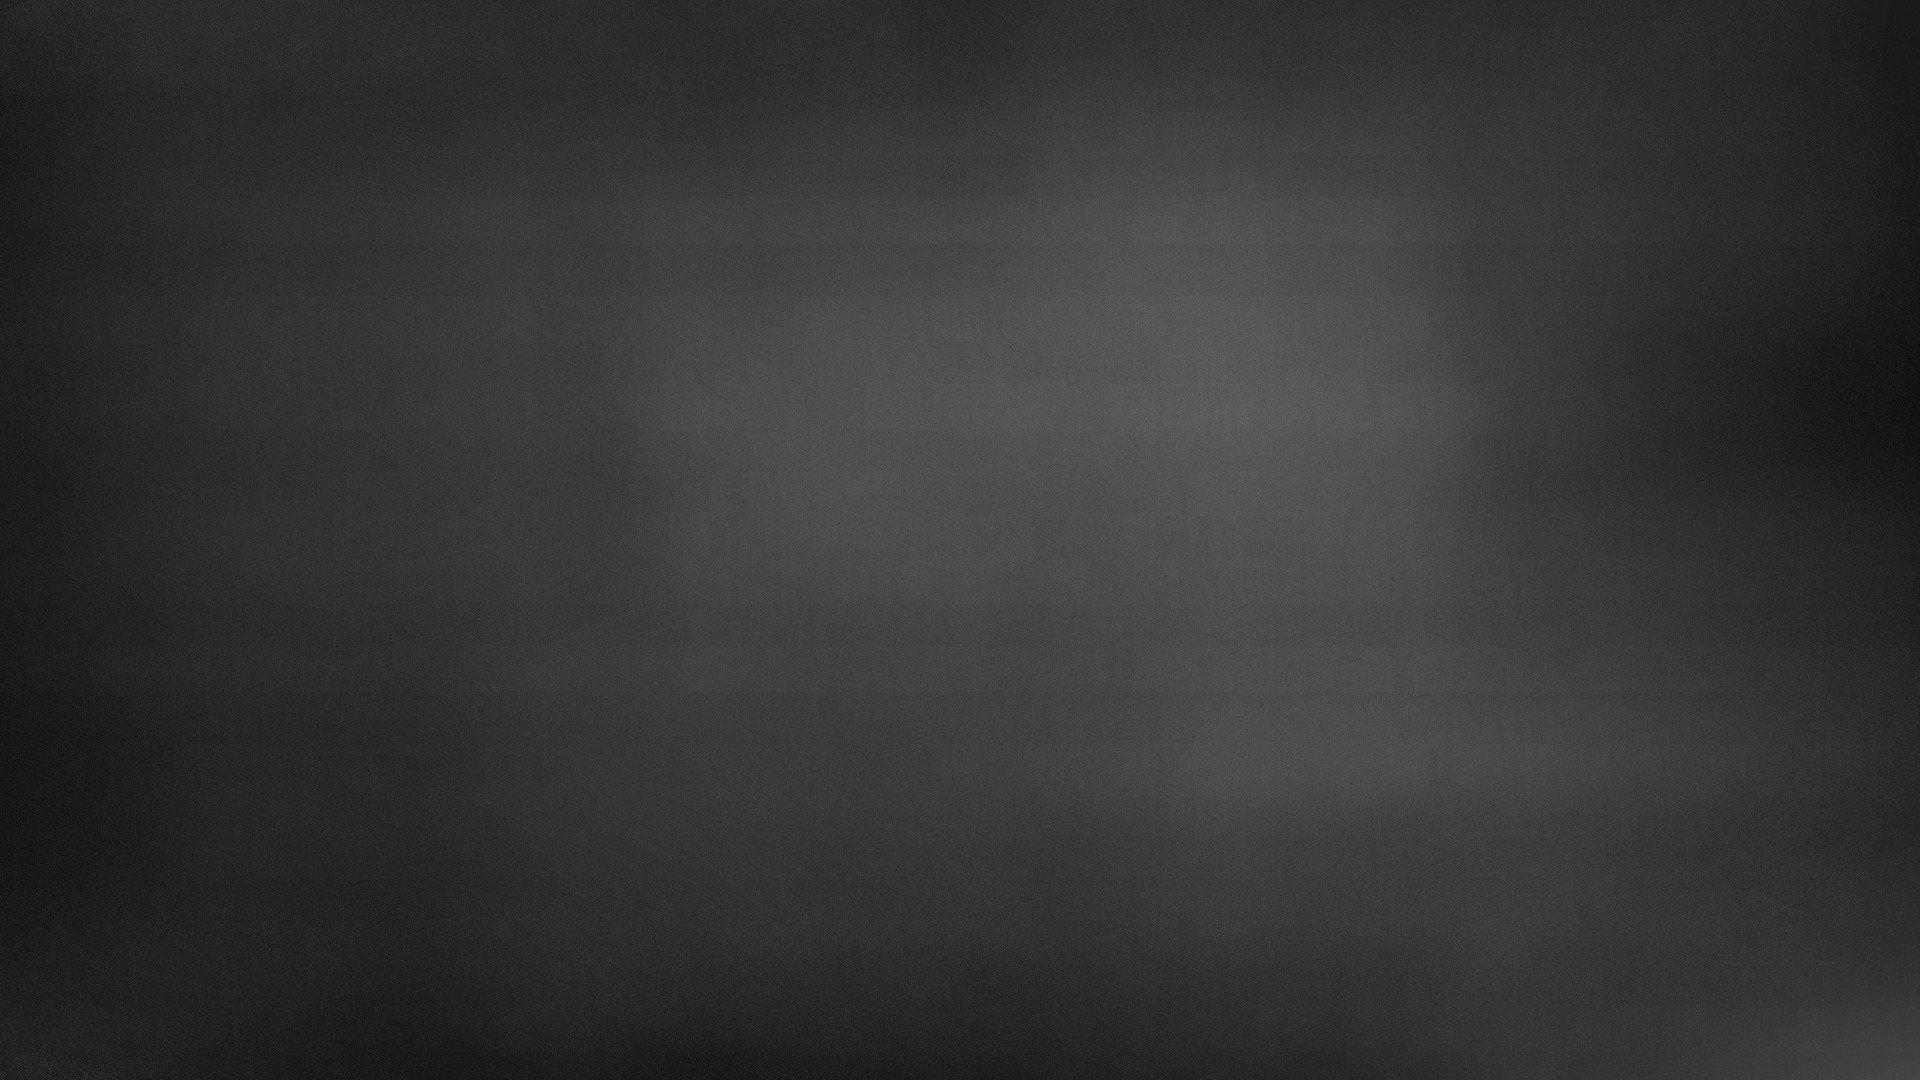 Black Minimalistic Dark Pattern Wall Textures Silver Wallpaper ...